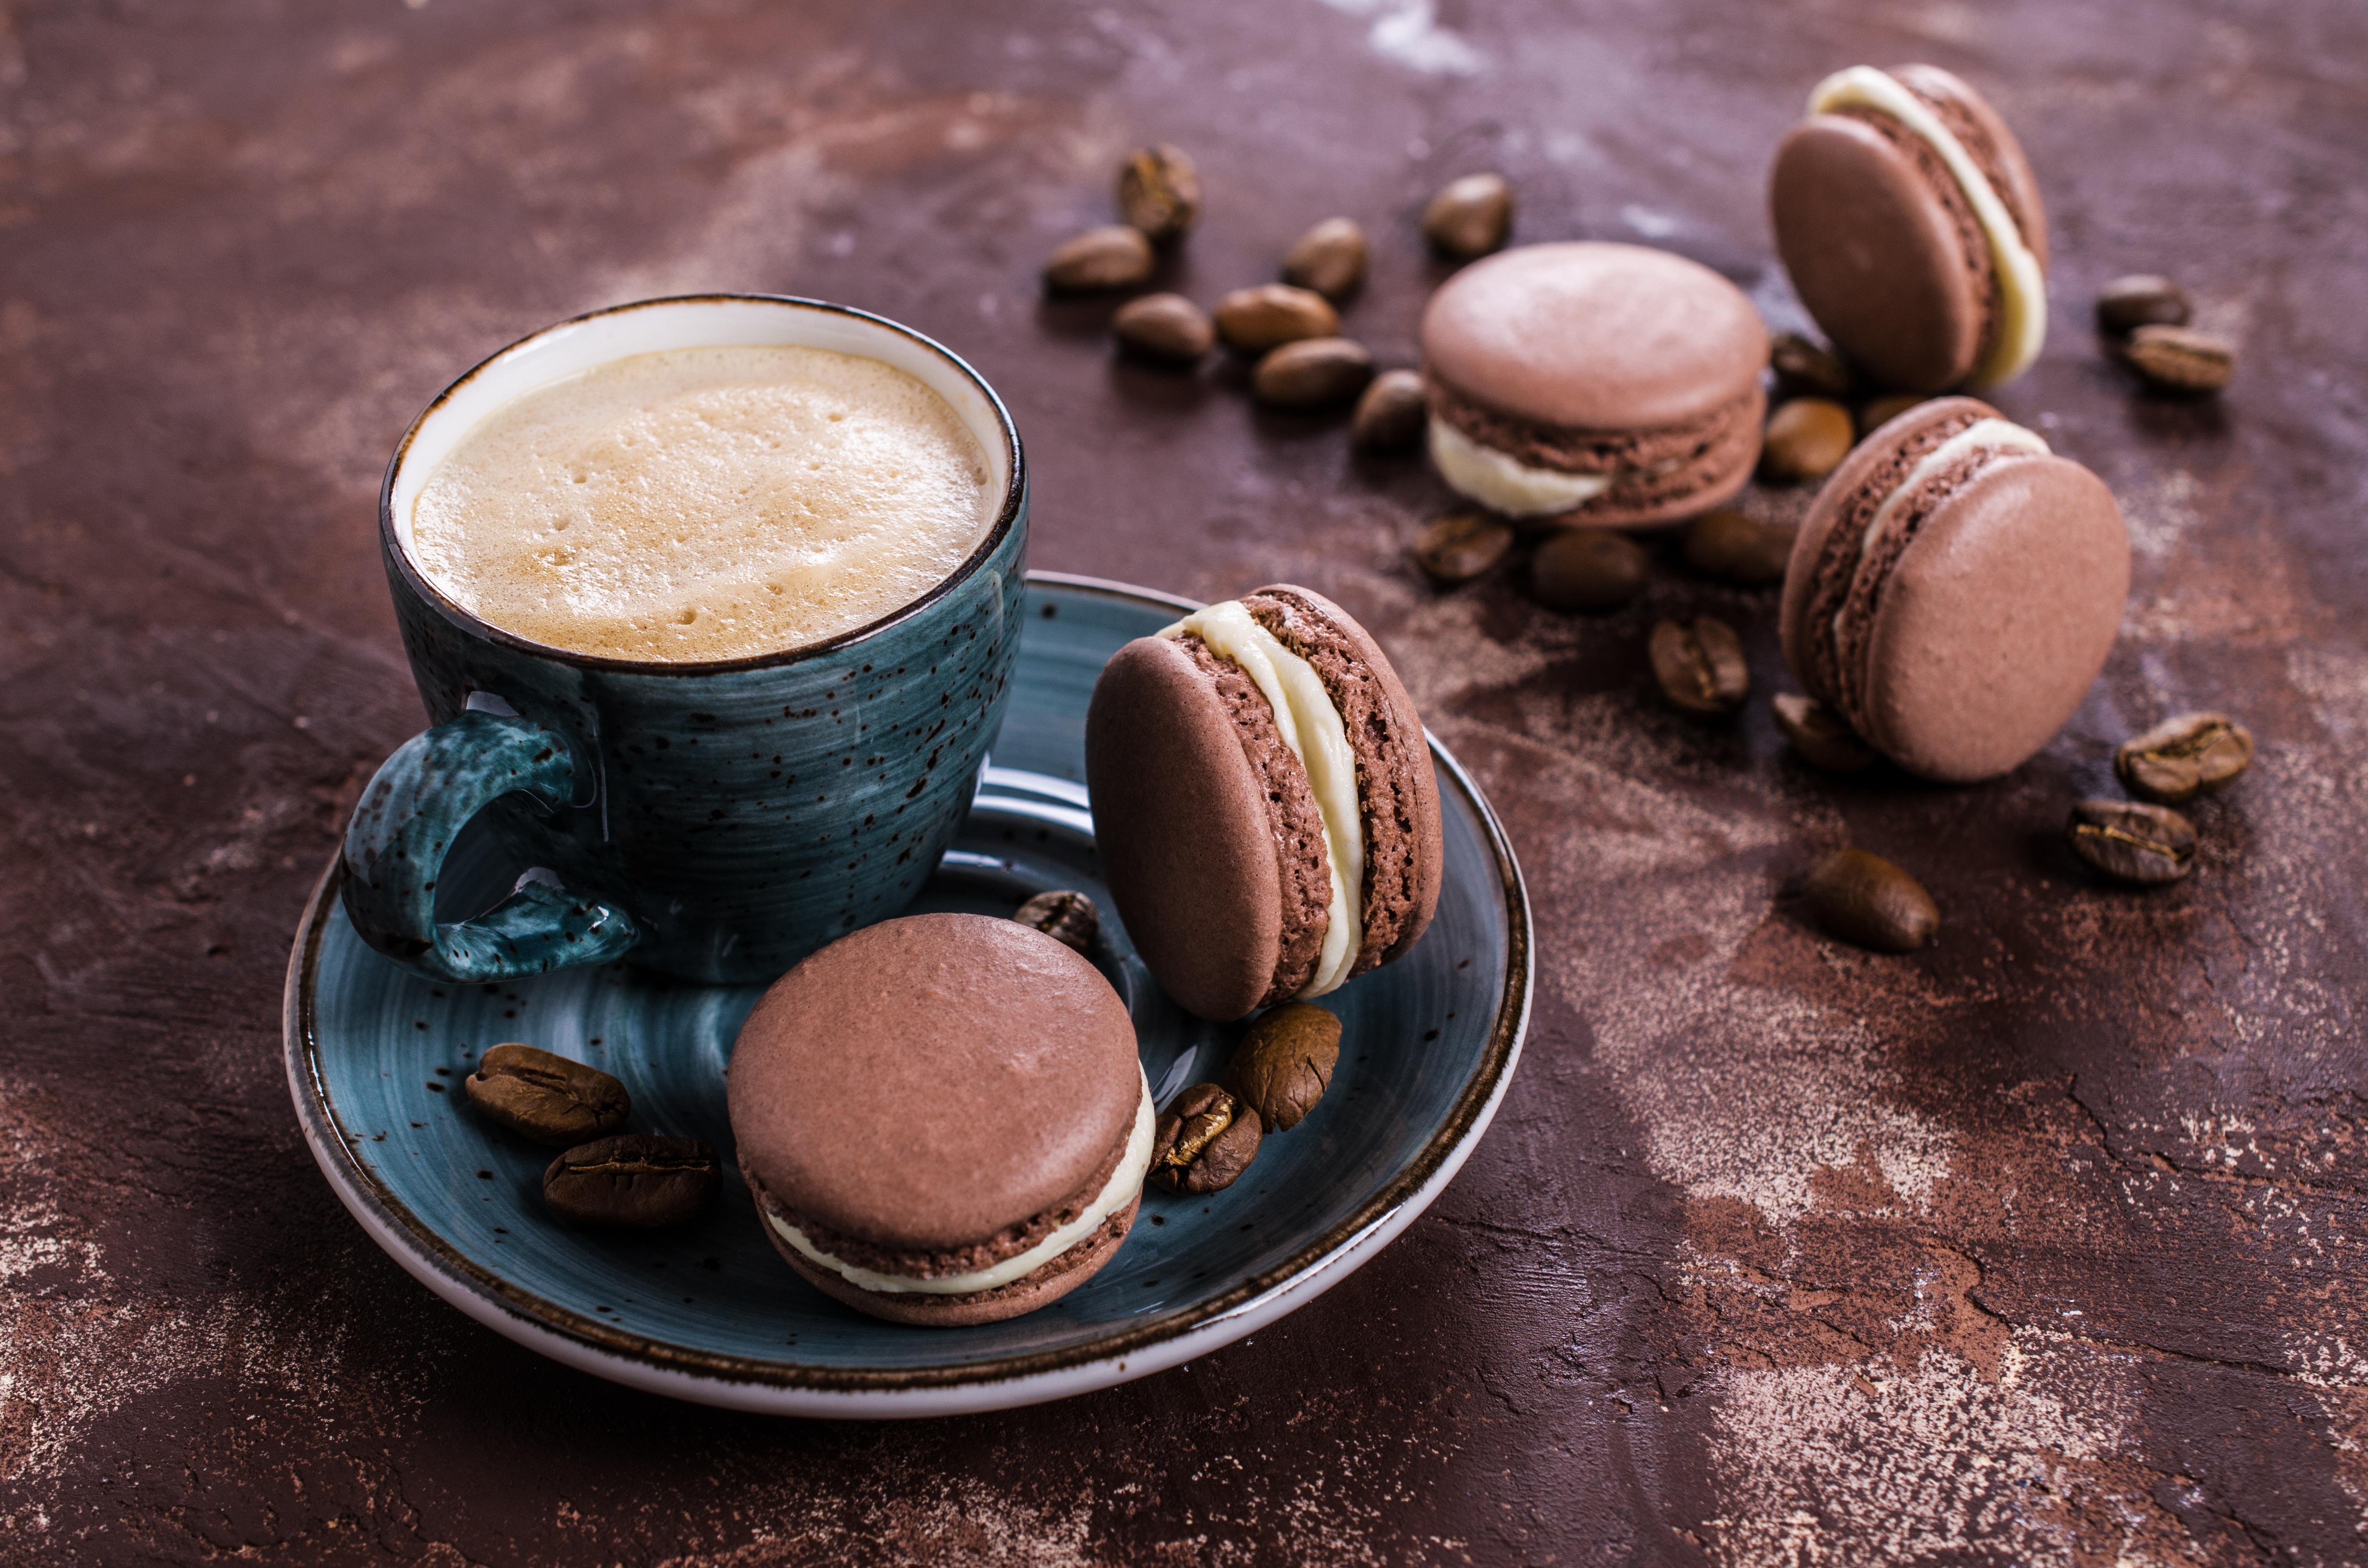 кофе со сладостями  № 140298 загрузить